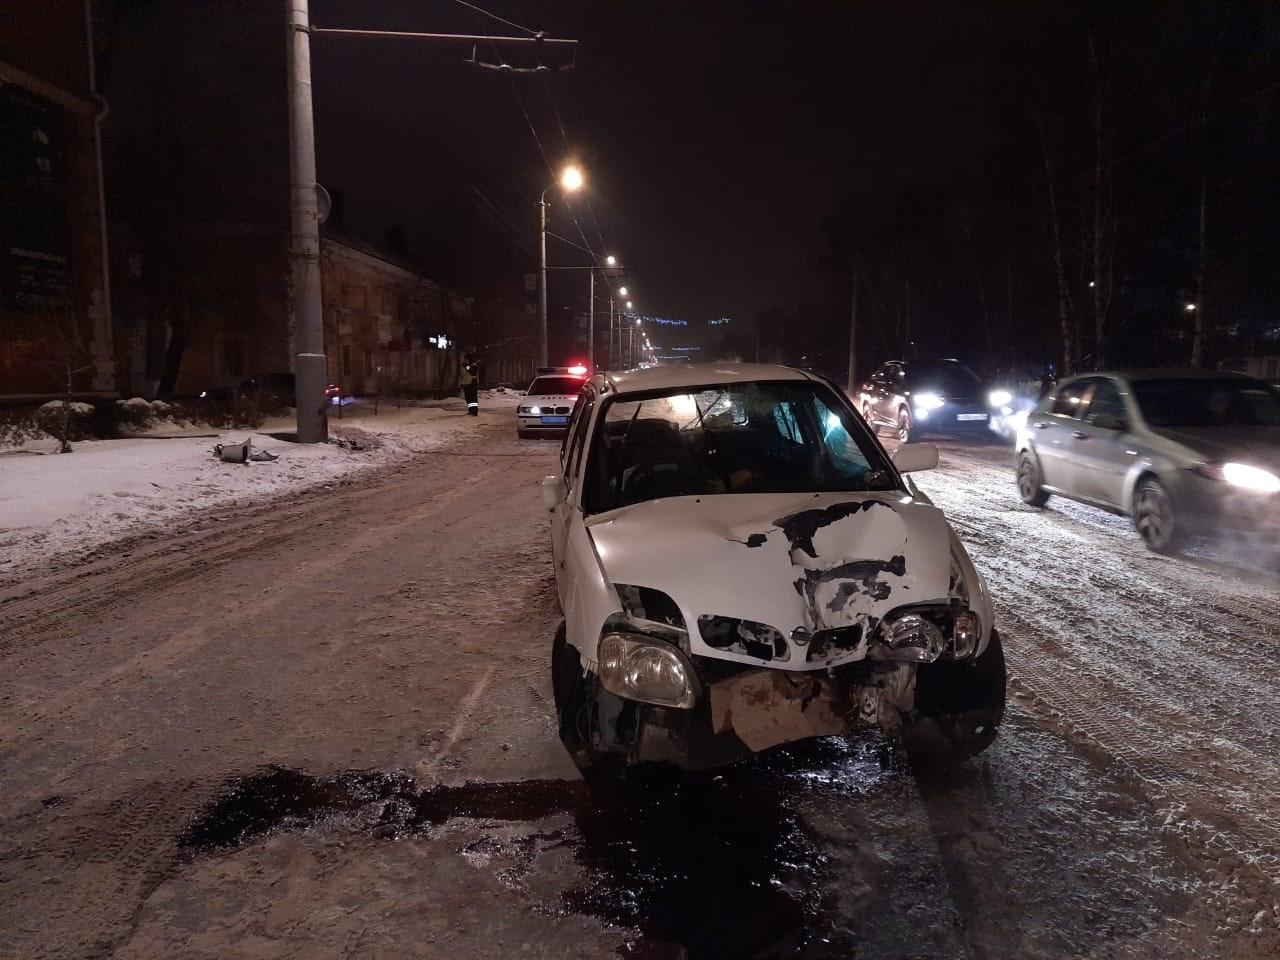 В ДТП с тремя пострадавшими детьми в Омске оказался виноват их пьяный отец #Новости #Общество #Омск